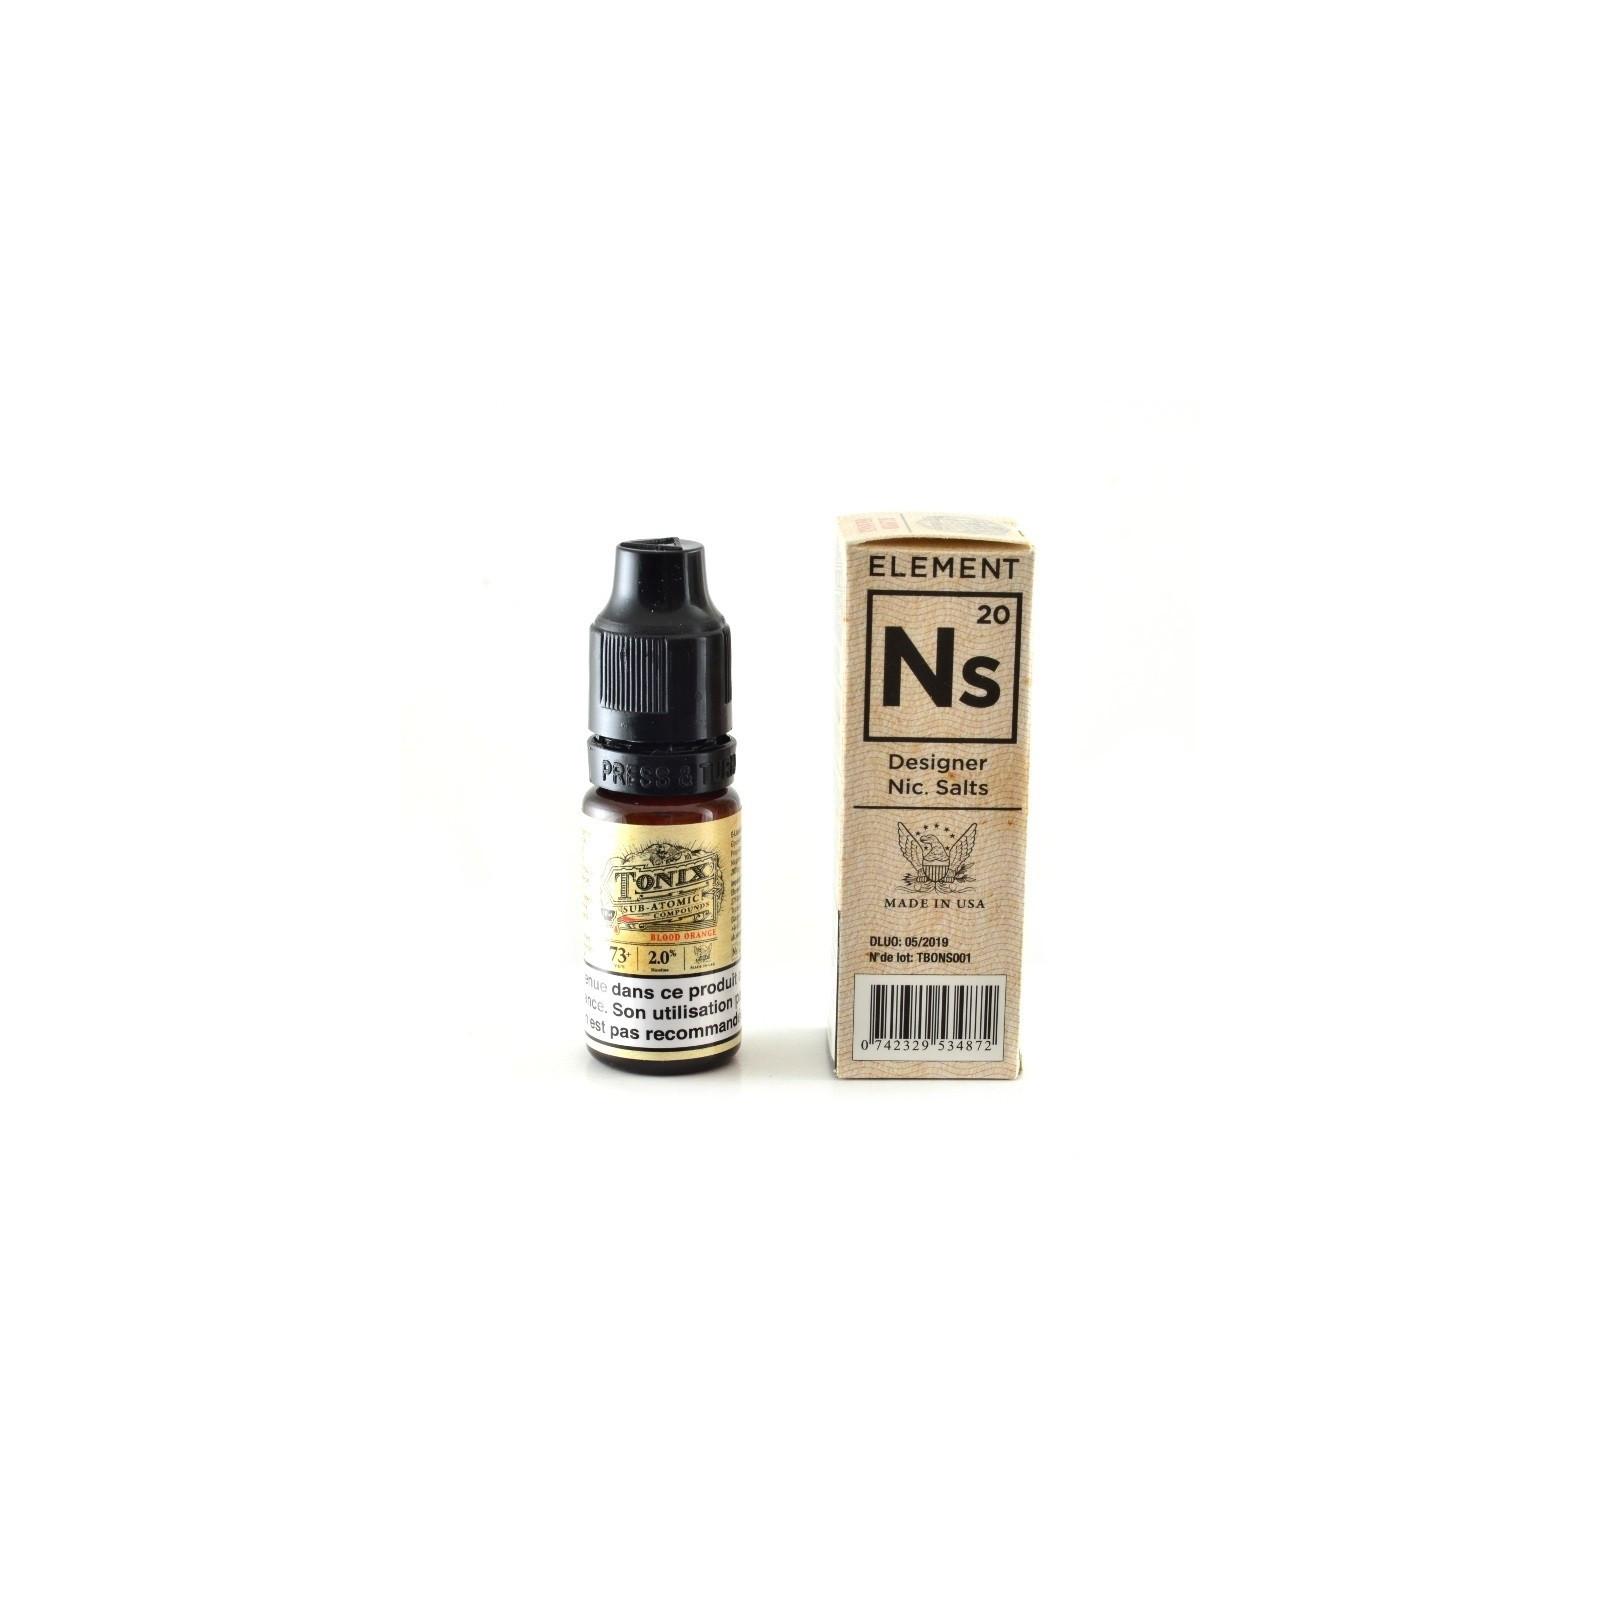 Blood Orange - NS Element